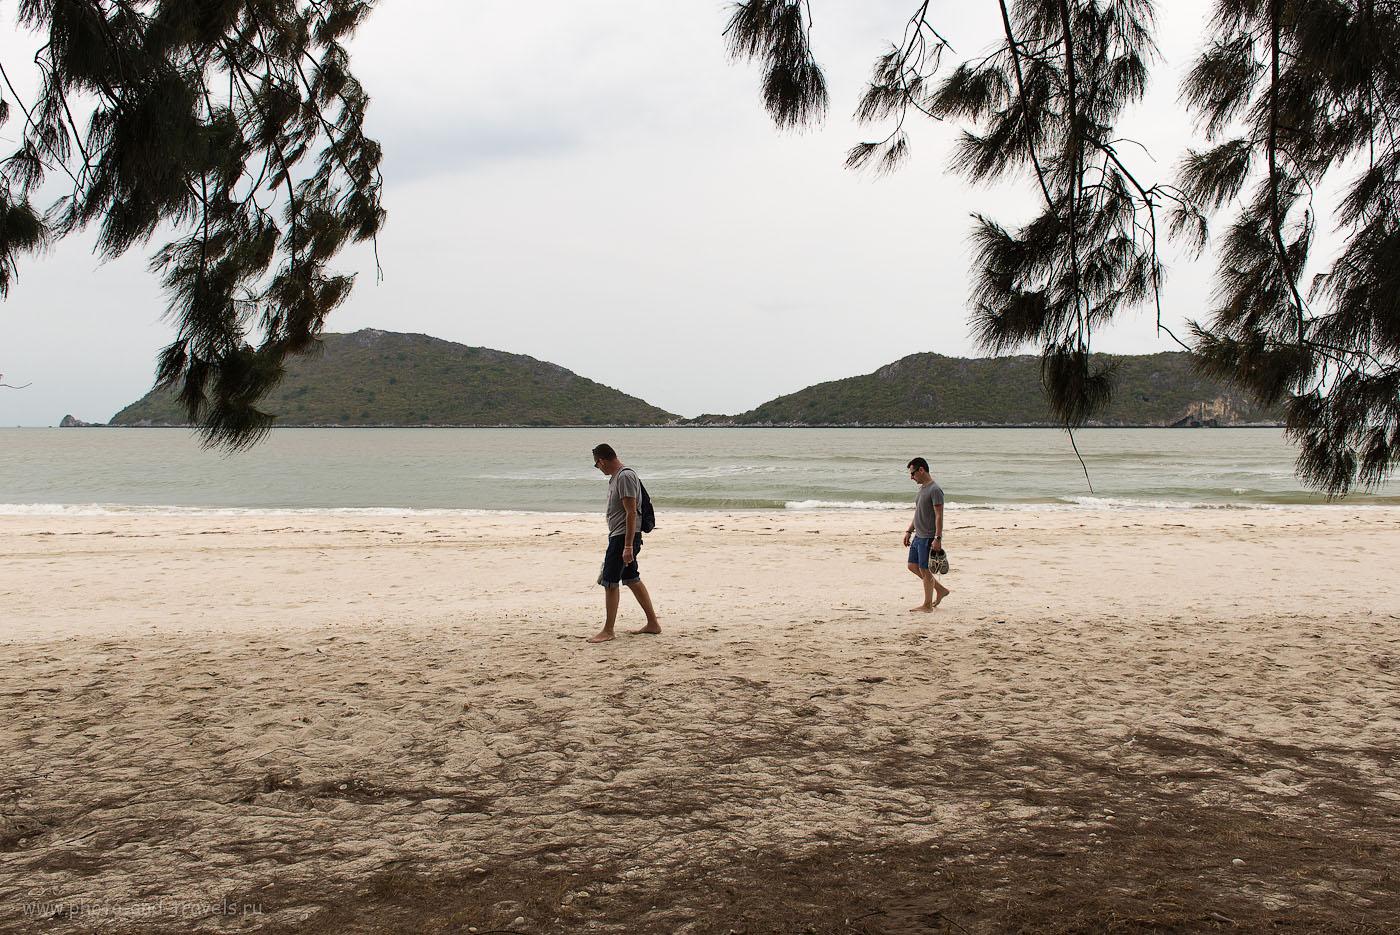 Фотография 7. Безмятежный отдых на море. Отчеты туристов о самостоятельном путешествии в Таиланд из Екатеринбурга в феврале  (100, 24, F=8.0, 1/160)